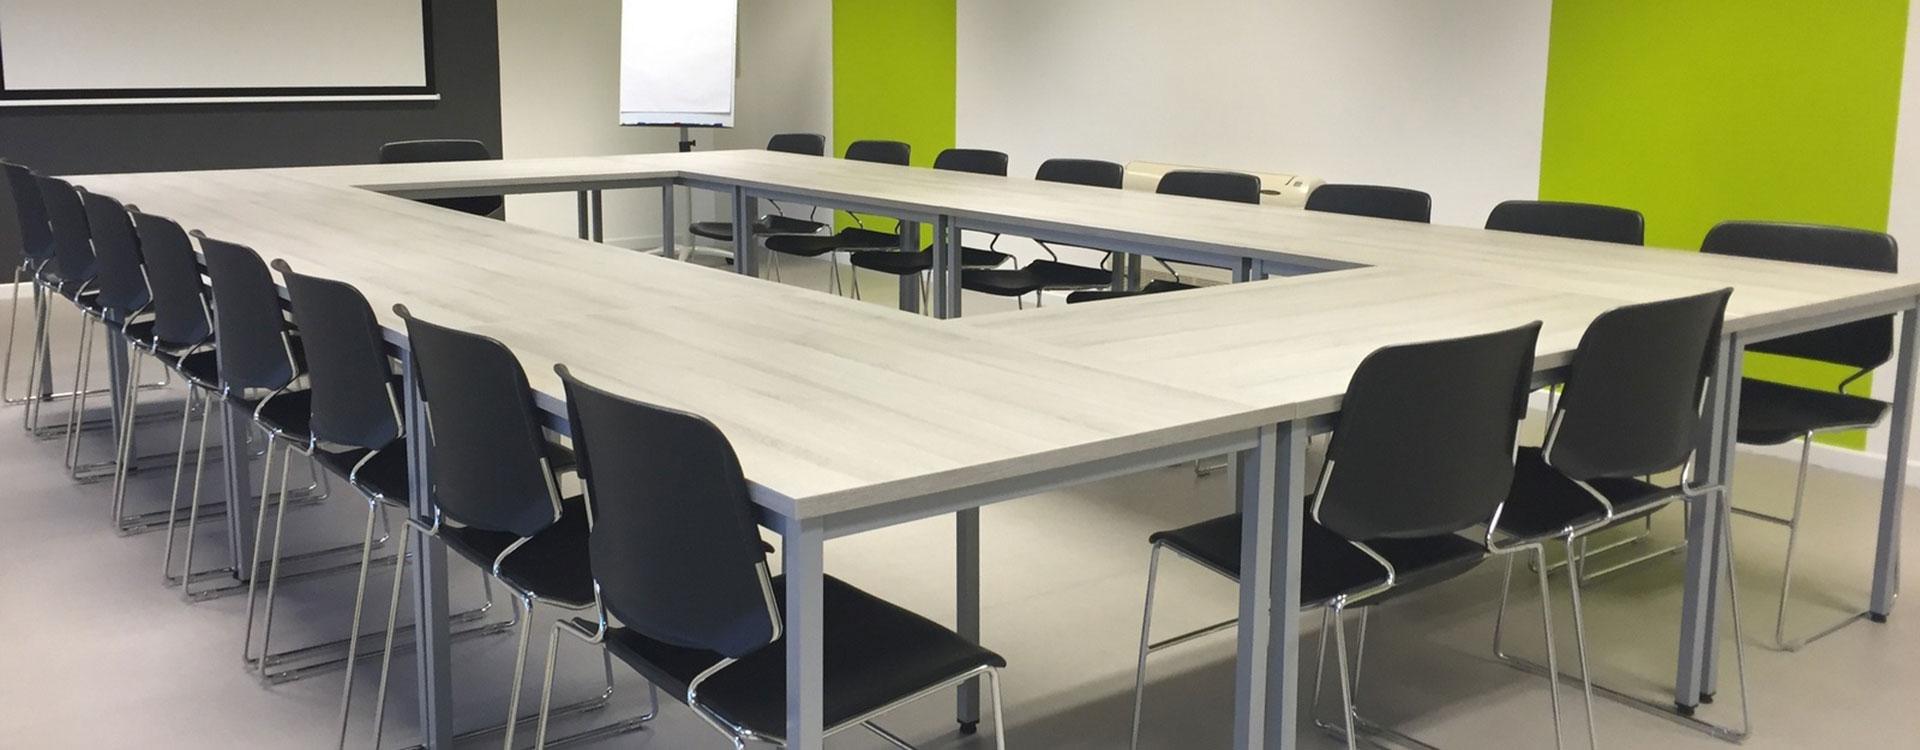 Comment choisir une bonne table de réunion